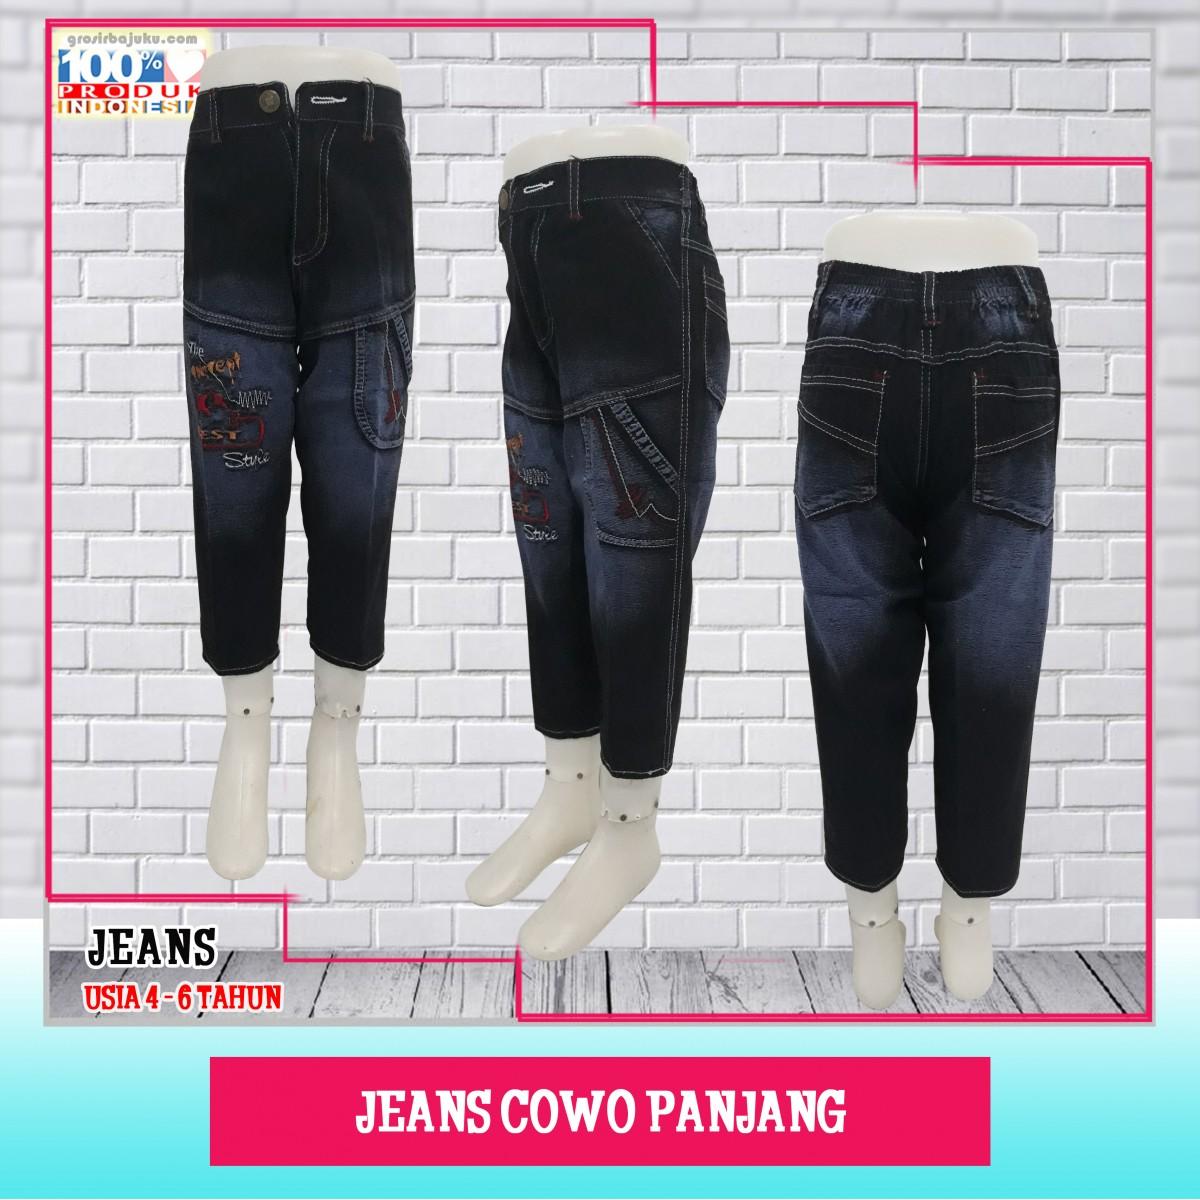 Pusat Grosir Baju Murah Solo Klewer 2021 Produsen Jeans Panjang Cowo Murah di Solo